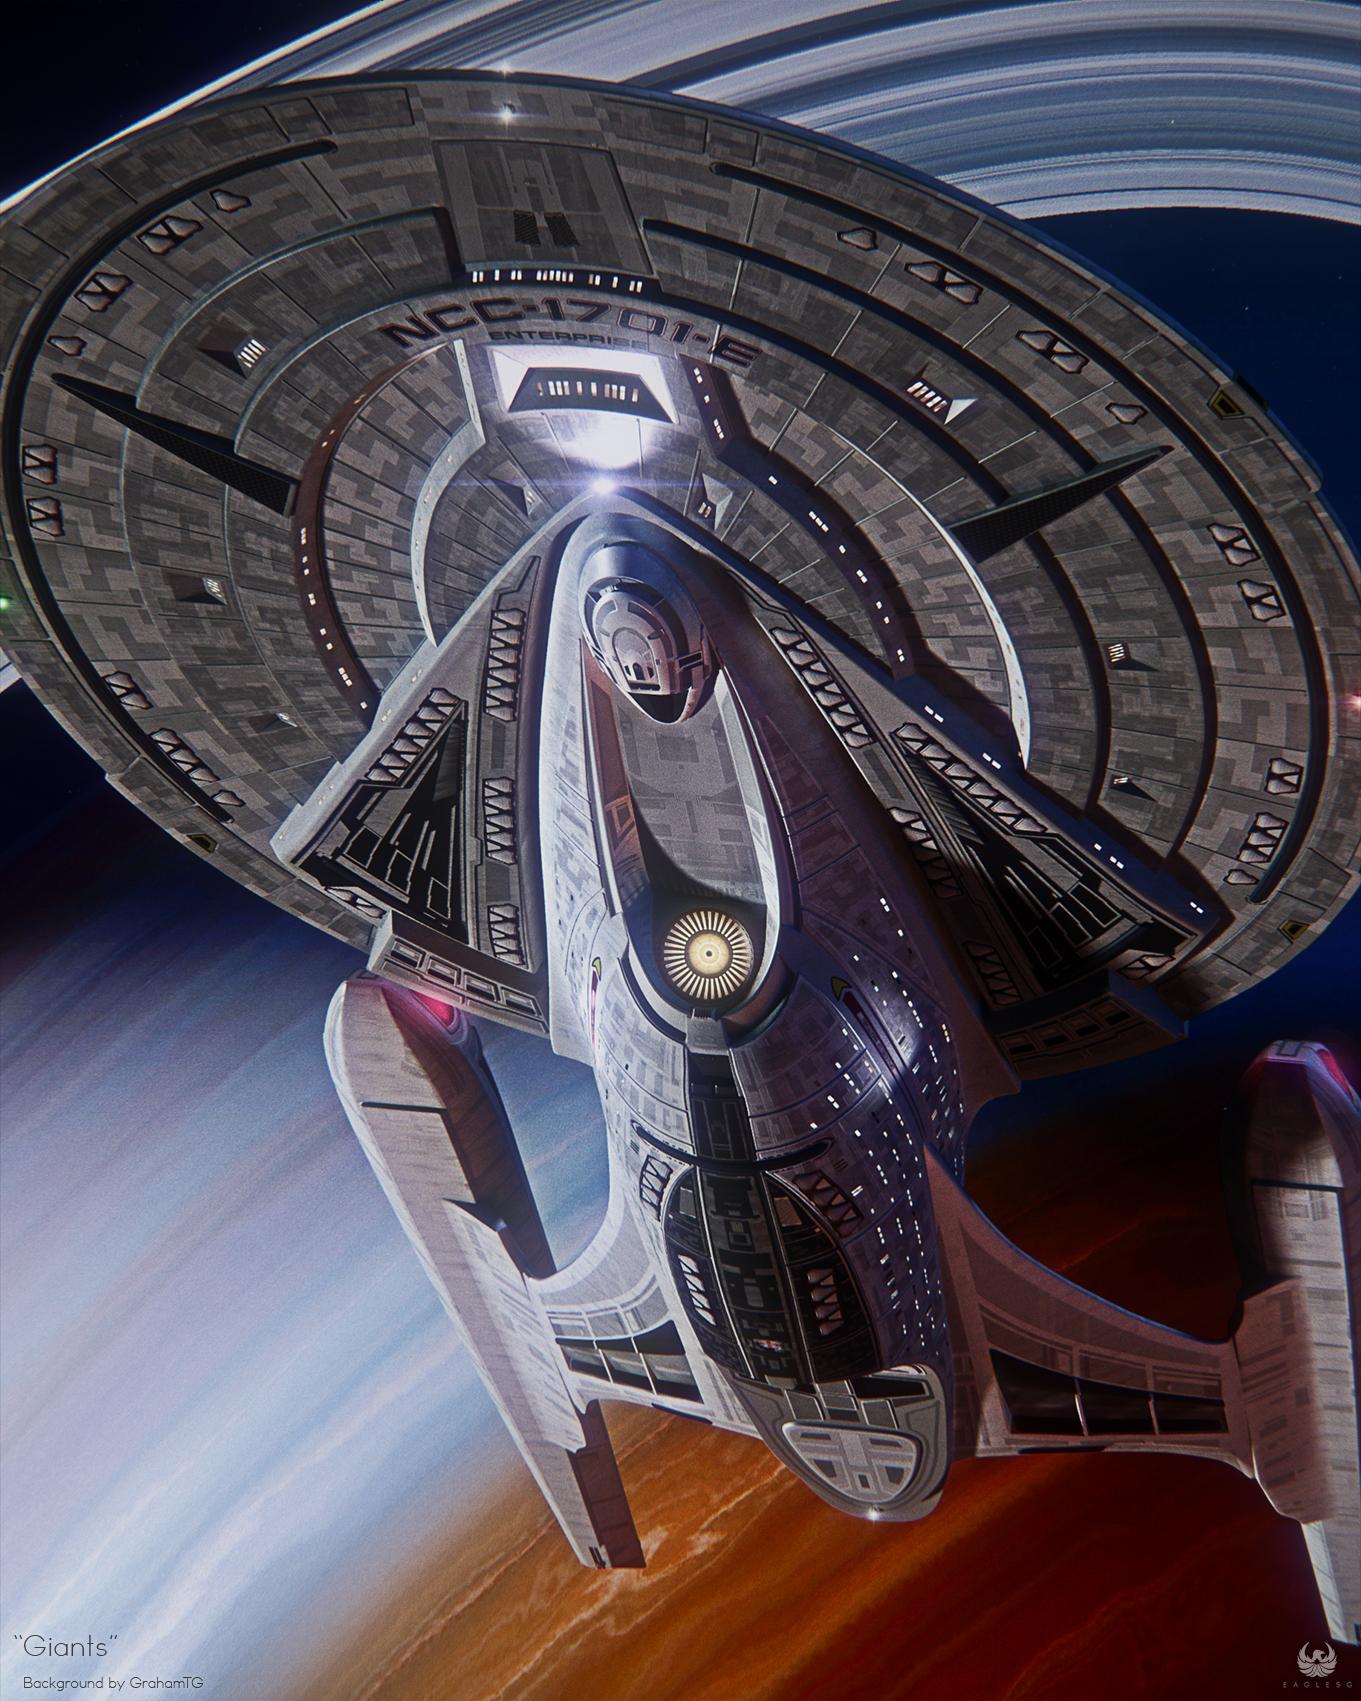 Giants By Eaglesg On Deviantart Star Trek Ships Star Trek Starships Star Trek Wallpaper